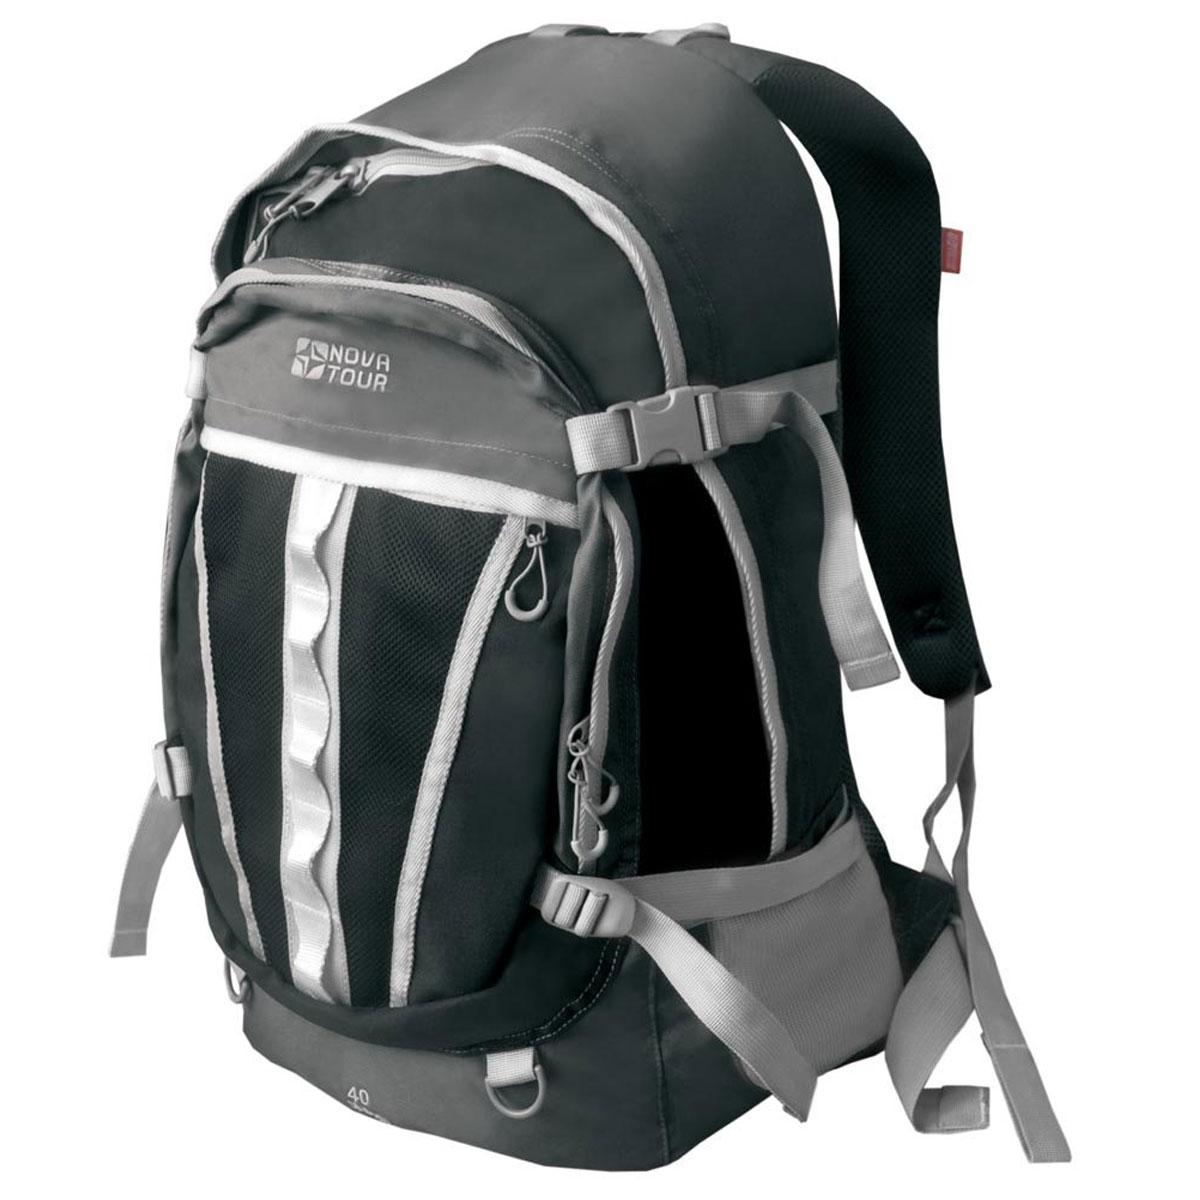 Рюкзак городской Nova Tour Слалом 40 V2, цвет: серый, черный. 13523-956-0013523-956-00Если все, что нужно ежедневно носить с собой, не помещается в обычный рюкзак, то Слалом 40 V2 специально для вас. Два вместительных отделения можно уменьшить боковыми стяжками или наоборот, если что-то не поместилось внутри, навесить снаружи на узлы крепления. Для удобства переноски тяжелого груза на спинке предусмотрена удобная система подушек Air Mesh с полностью отстегивающимся поясным ремнем.Особенности:Прочная ткань с непромокаемой пропиткой.Сетчатый материал, отводящий влагу от вашего тела. Применяется на лямках, спинках и поясе рюкзака.Грудная стяжка для правильной фиксации лямок рюкзака и предотвращения их соскальзывания.Органайзер позволяет рационально разместить мелкие вещи внутри рюкзака.Объем: 40 л.